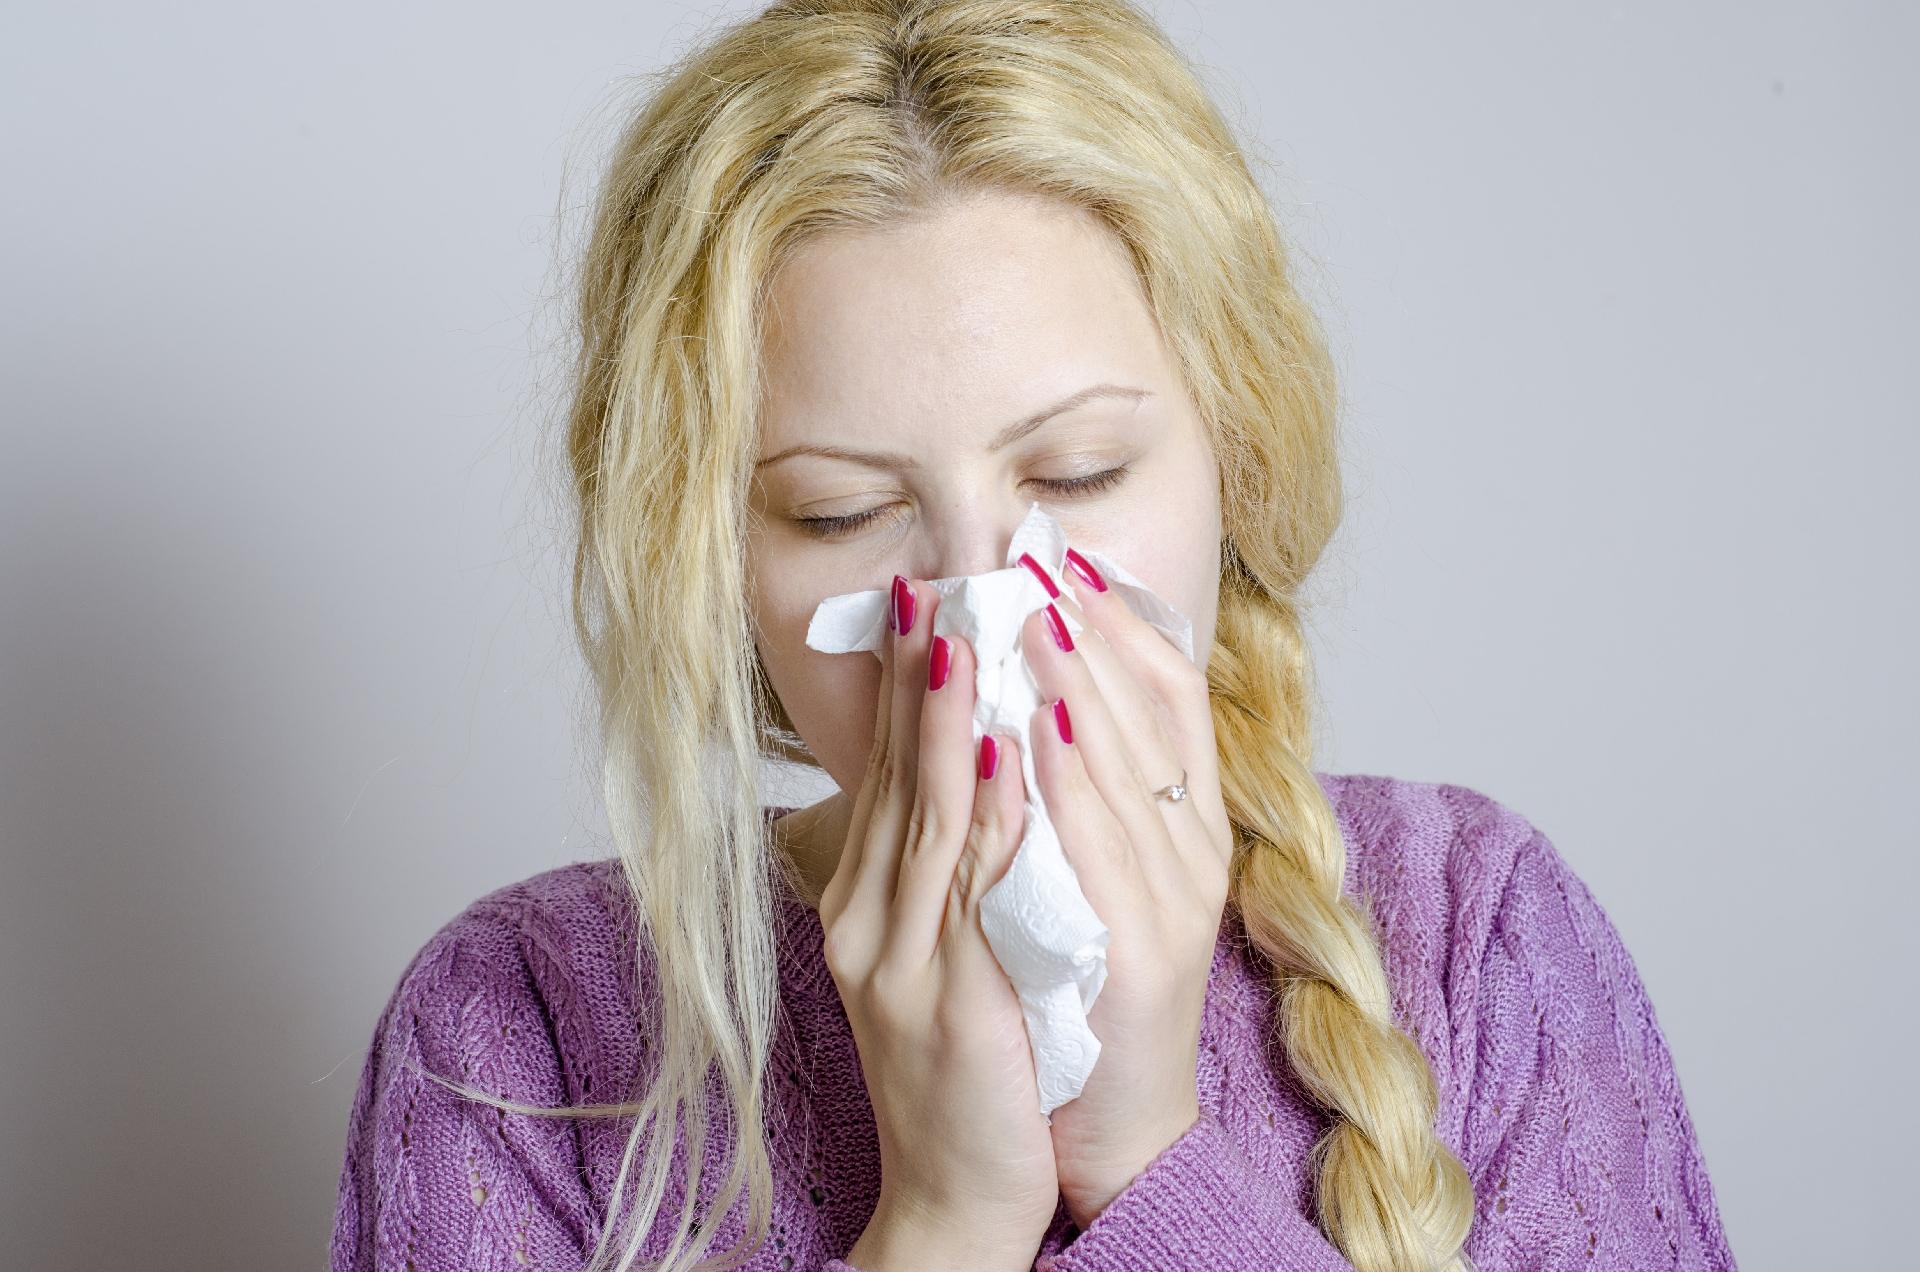 痛くない!怖くない!花粉の時期に◎な「鼻うがい」のすすめ